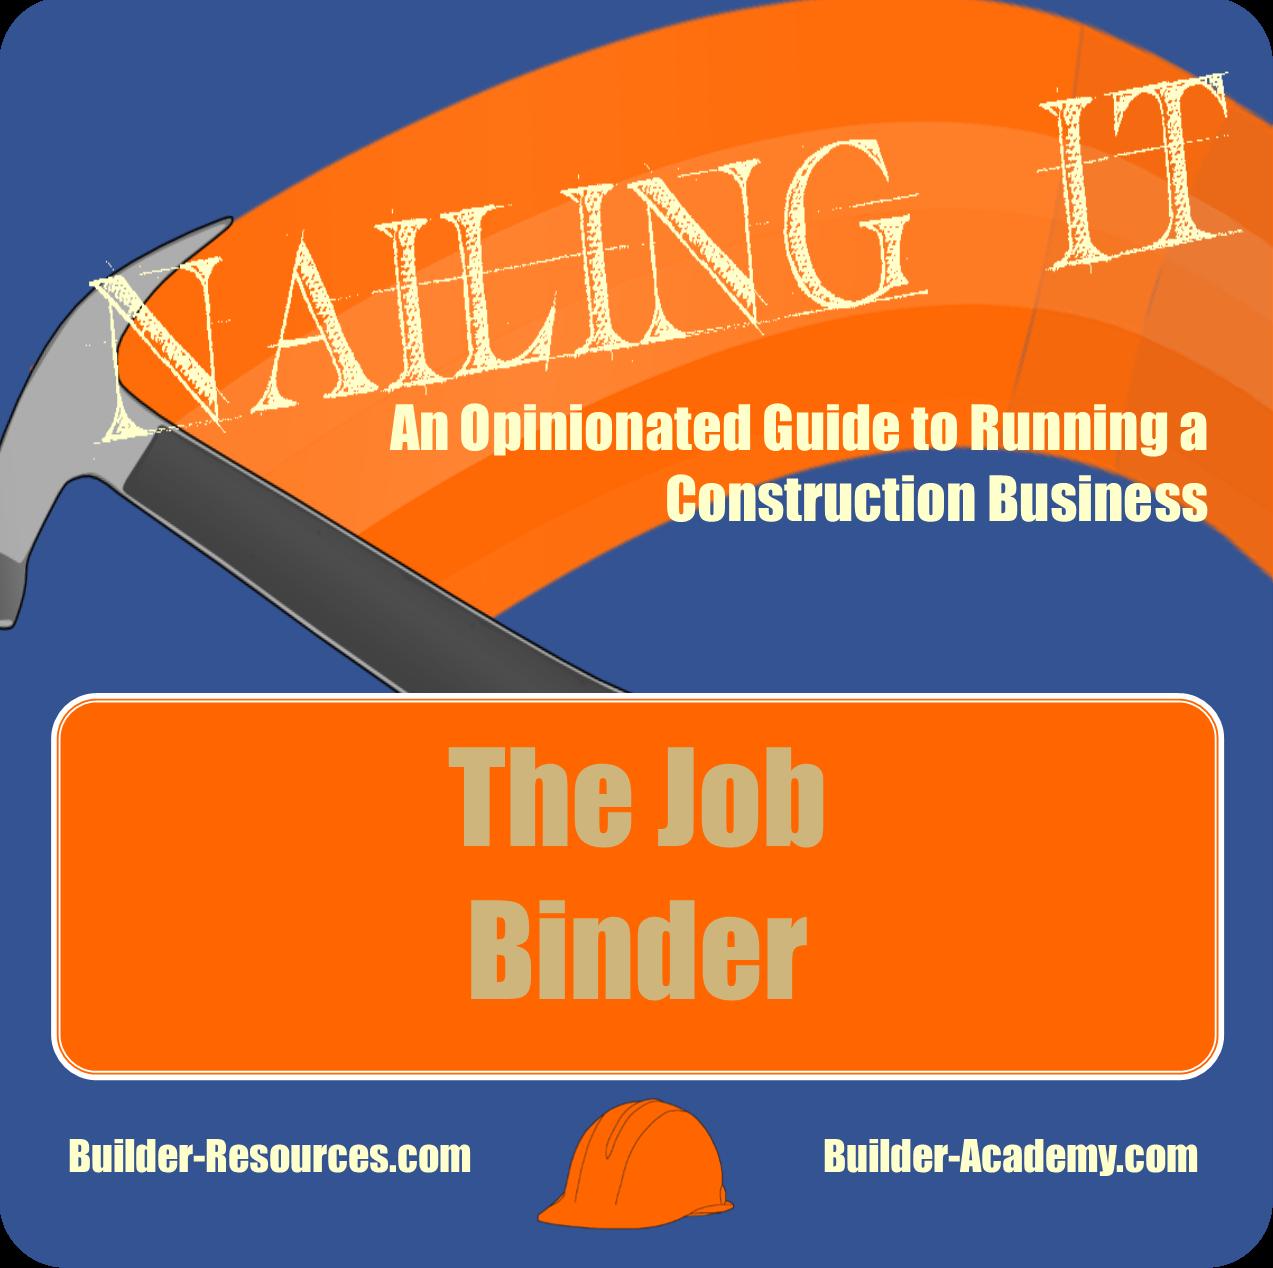 Job binder for Home construction binder